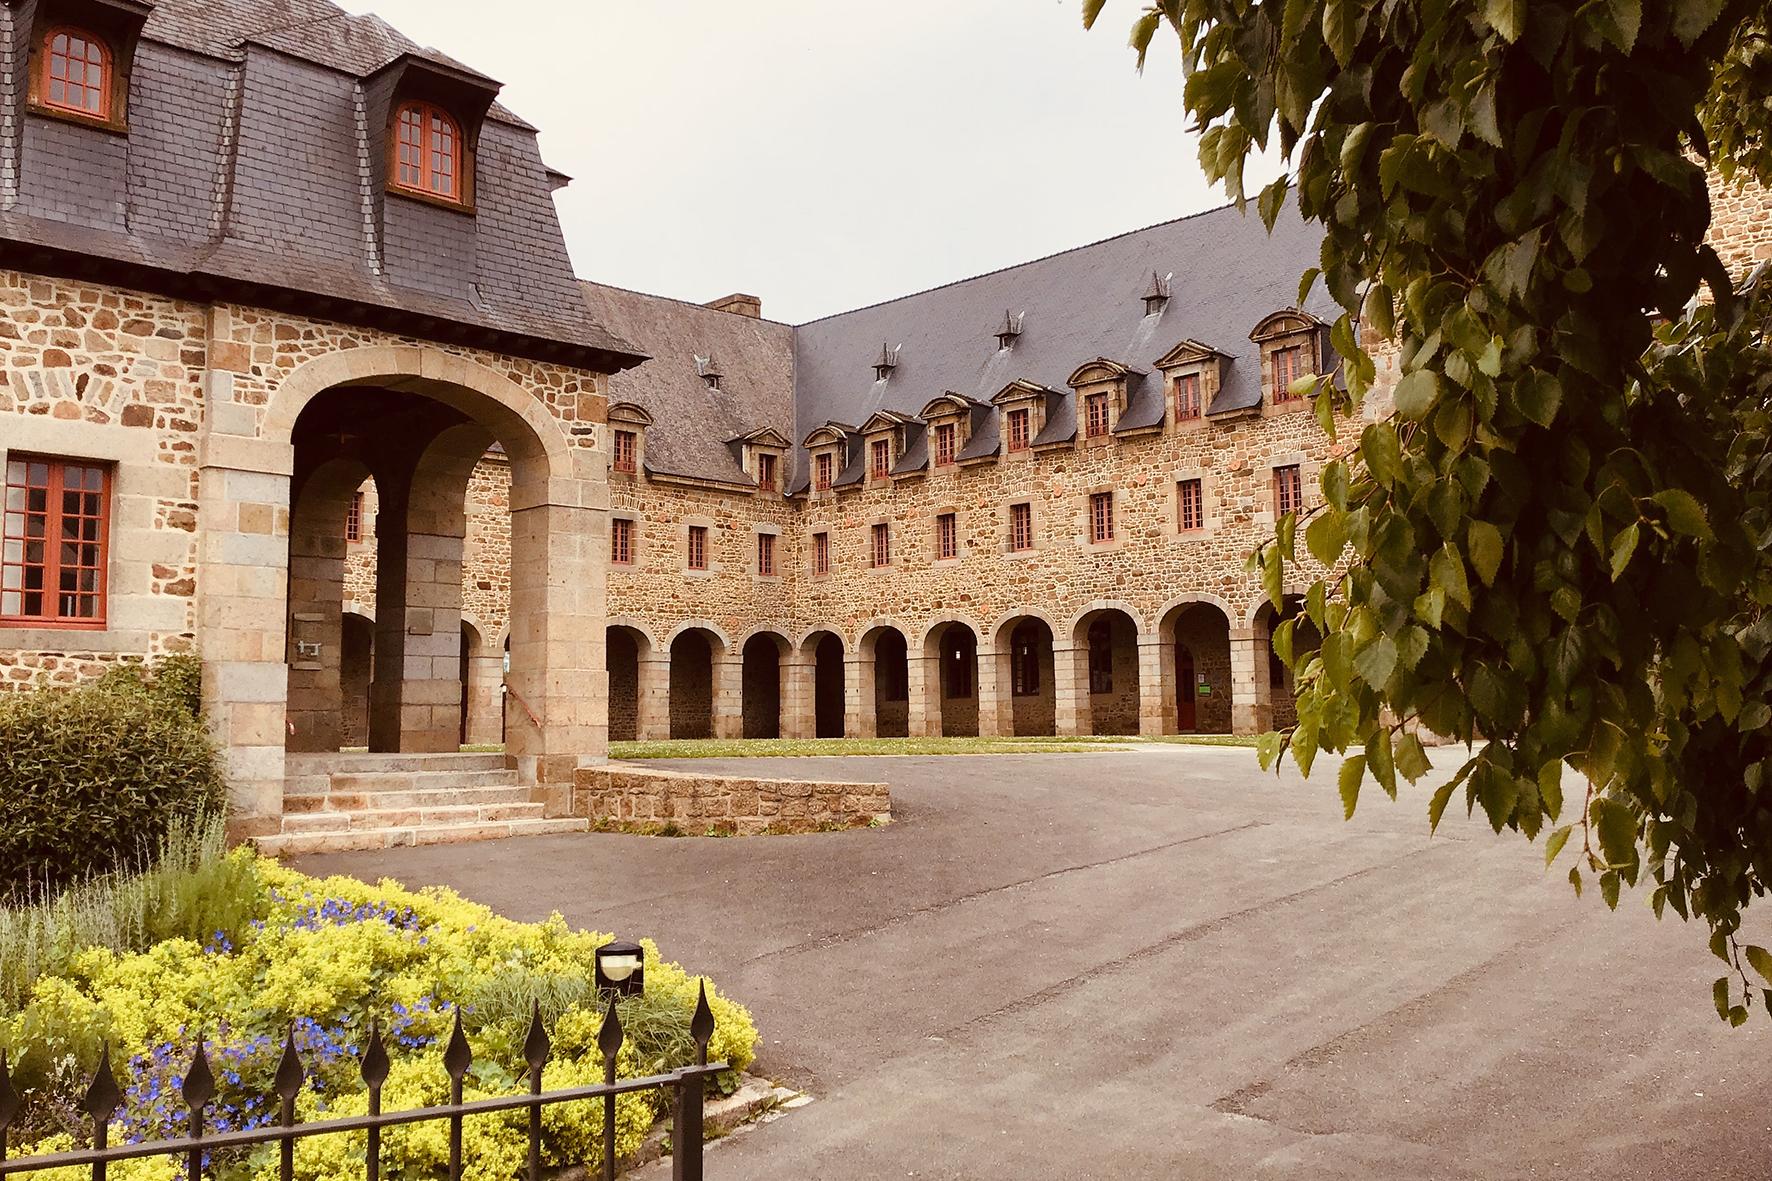 École Communautaire d'arts plastiques de Fougères